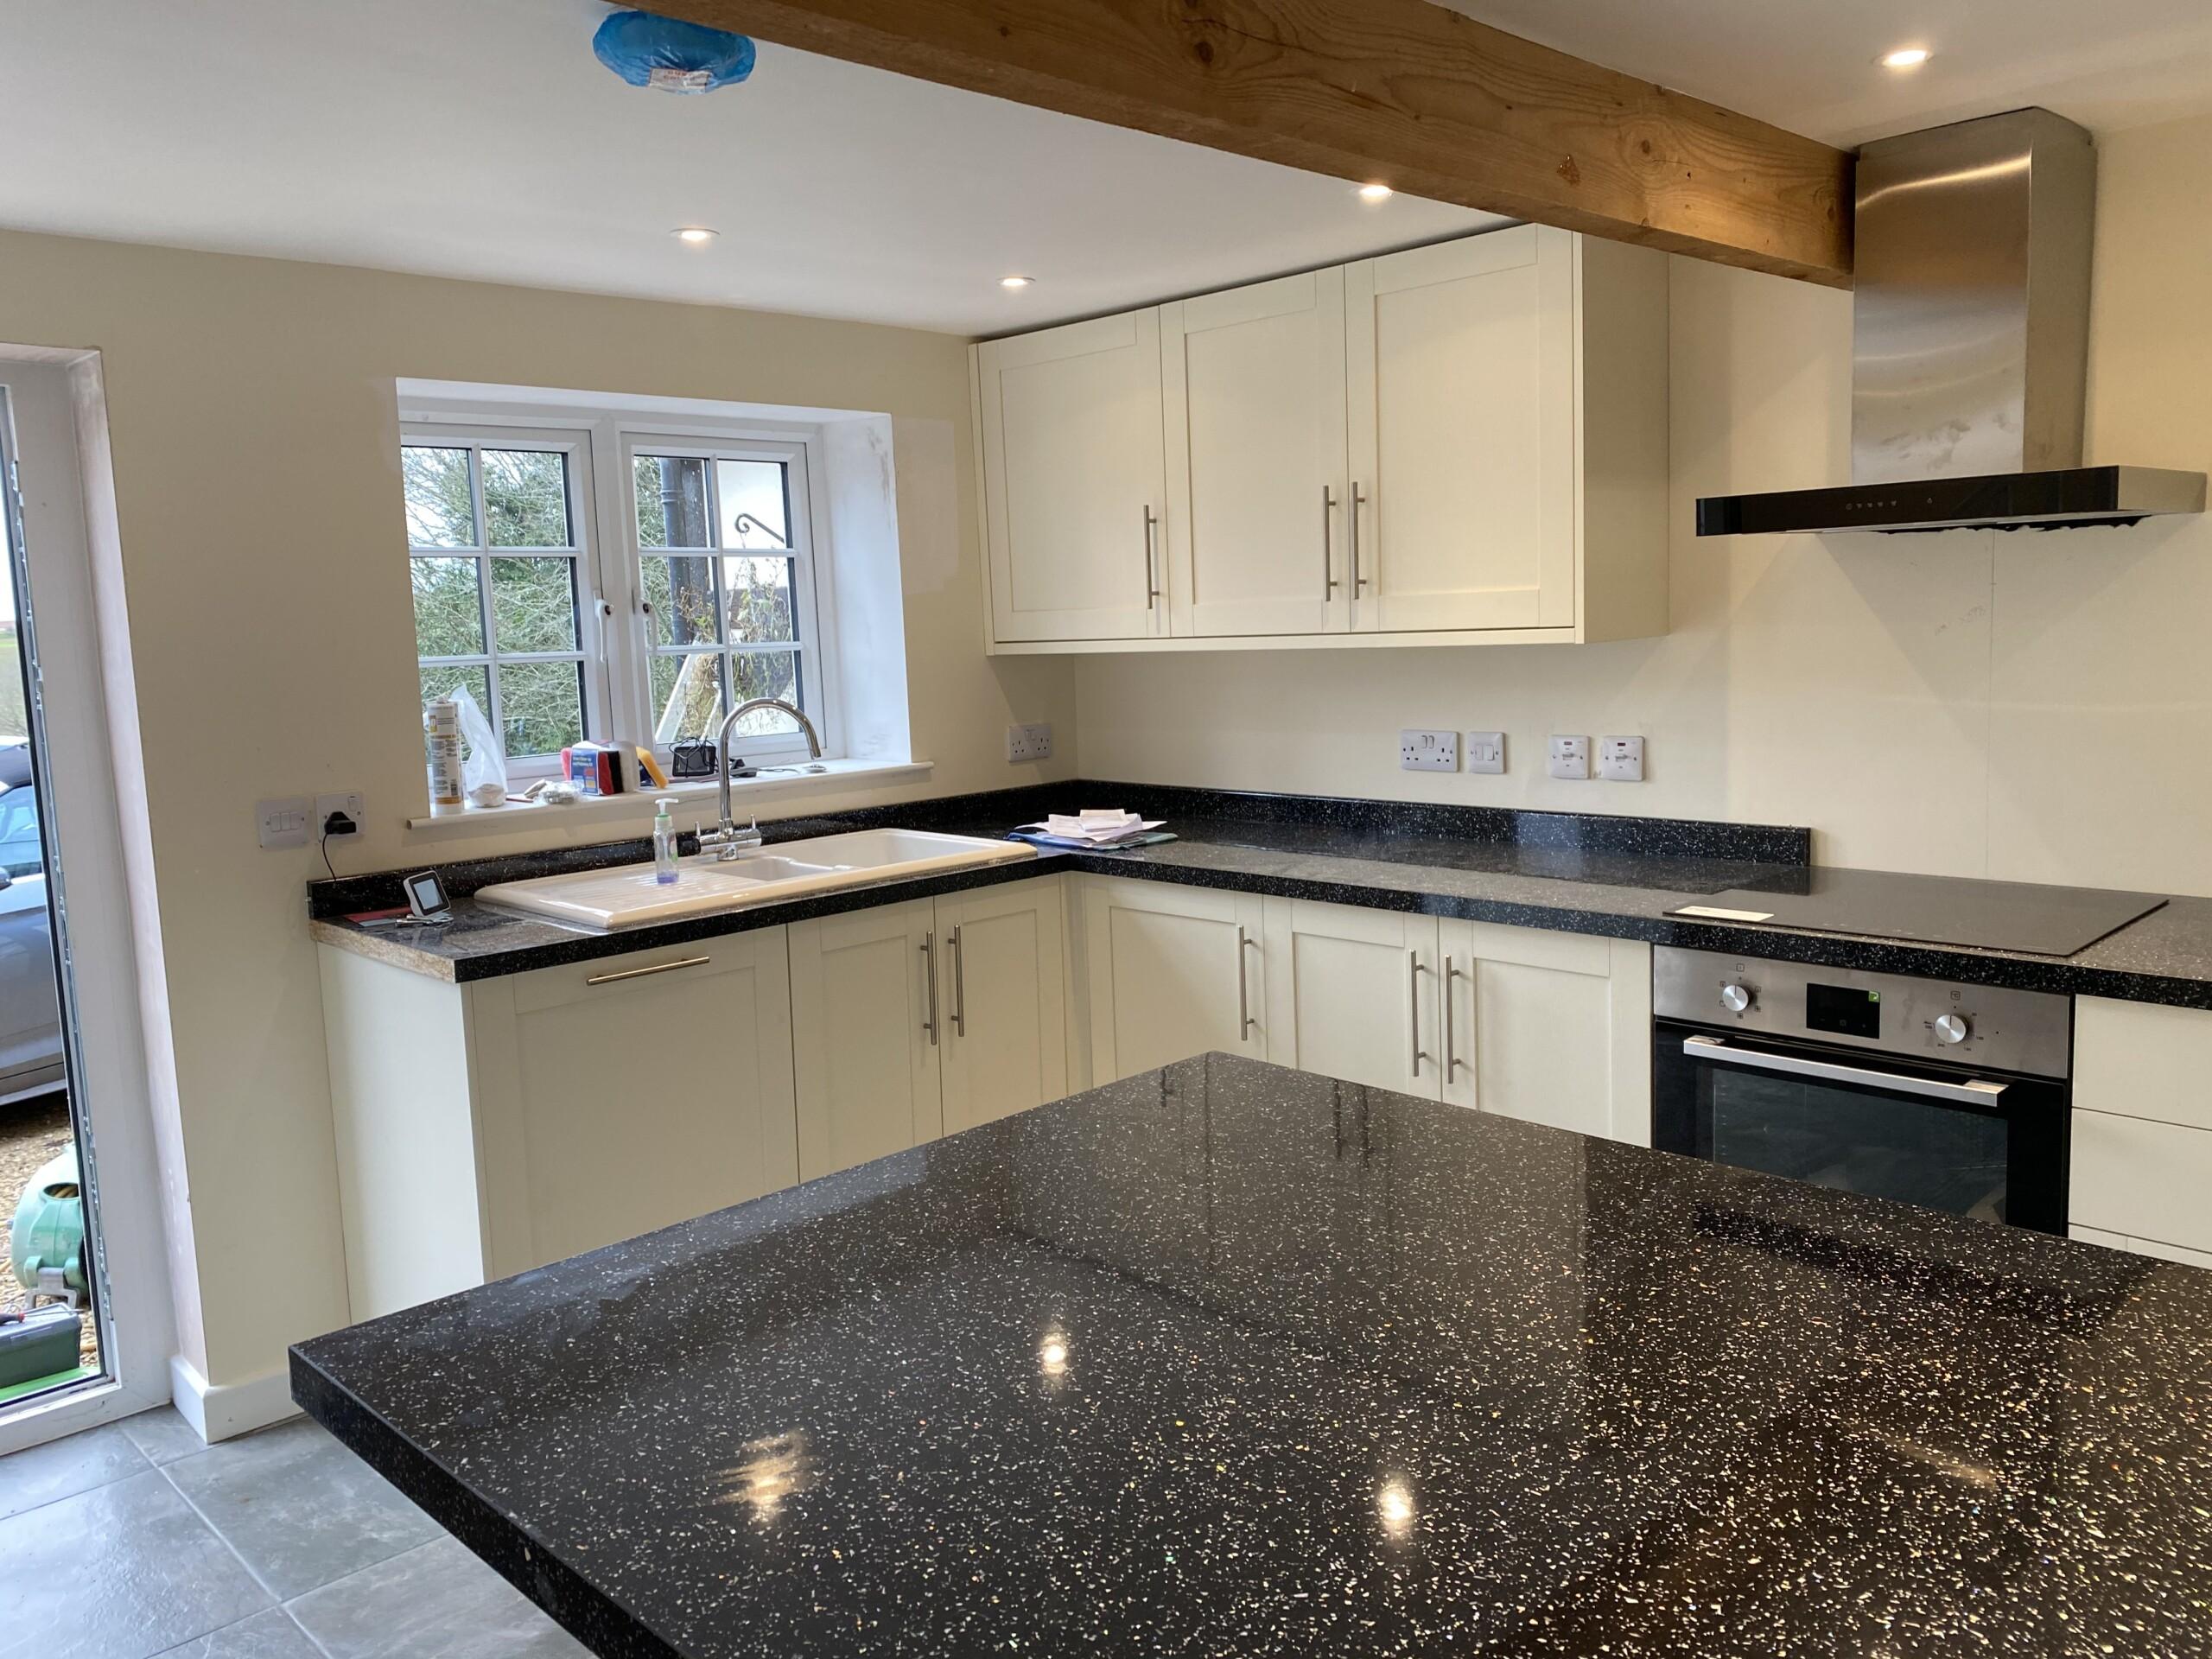 New Kitchen Installation Redmarley, Gloucestershire